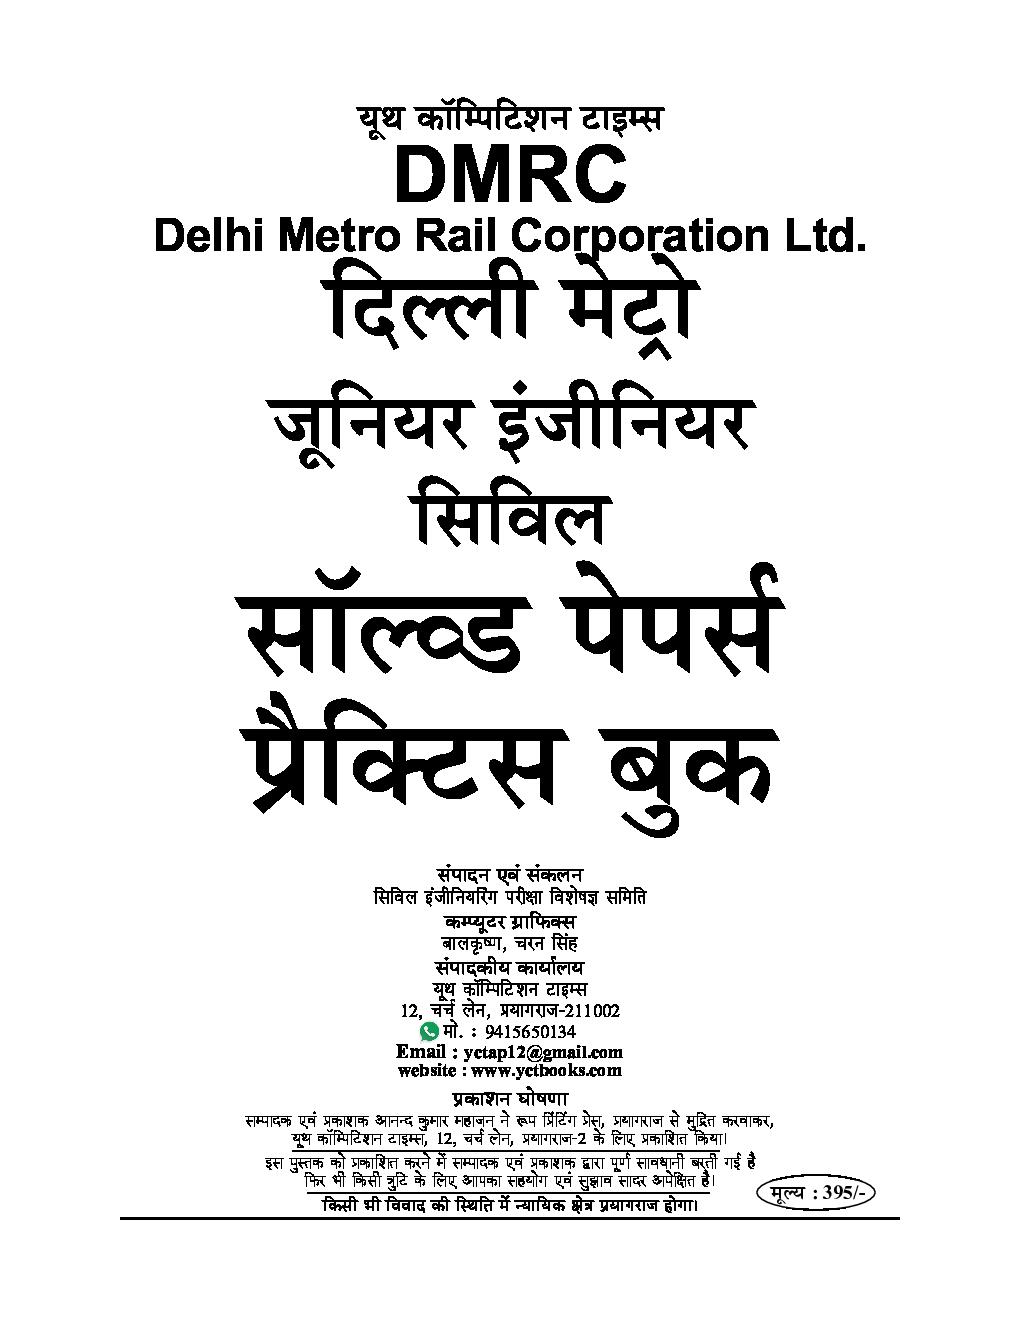 DMRC JE Civil (सिविल) सॉल्व्ड पेपर्स एवं प्रैक्टिस बुक - Page 2